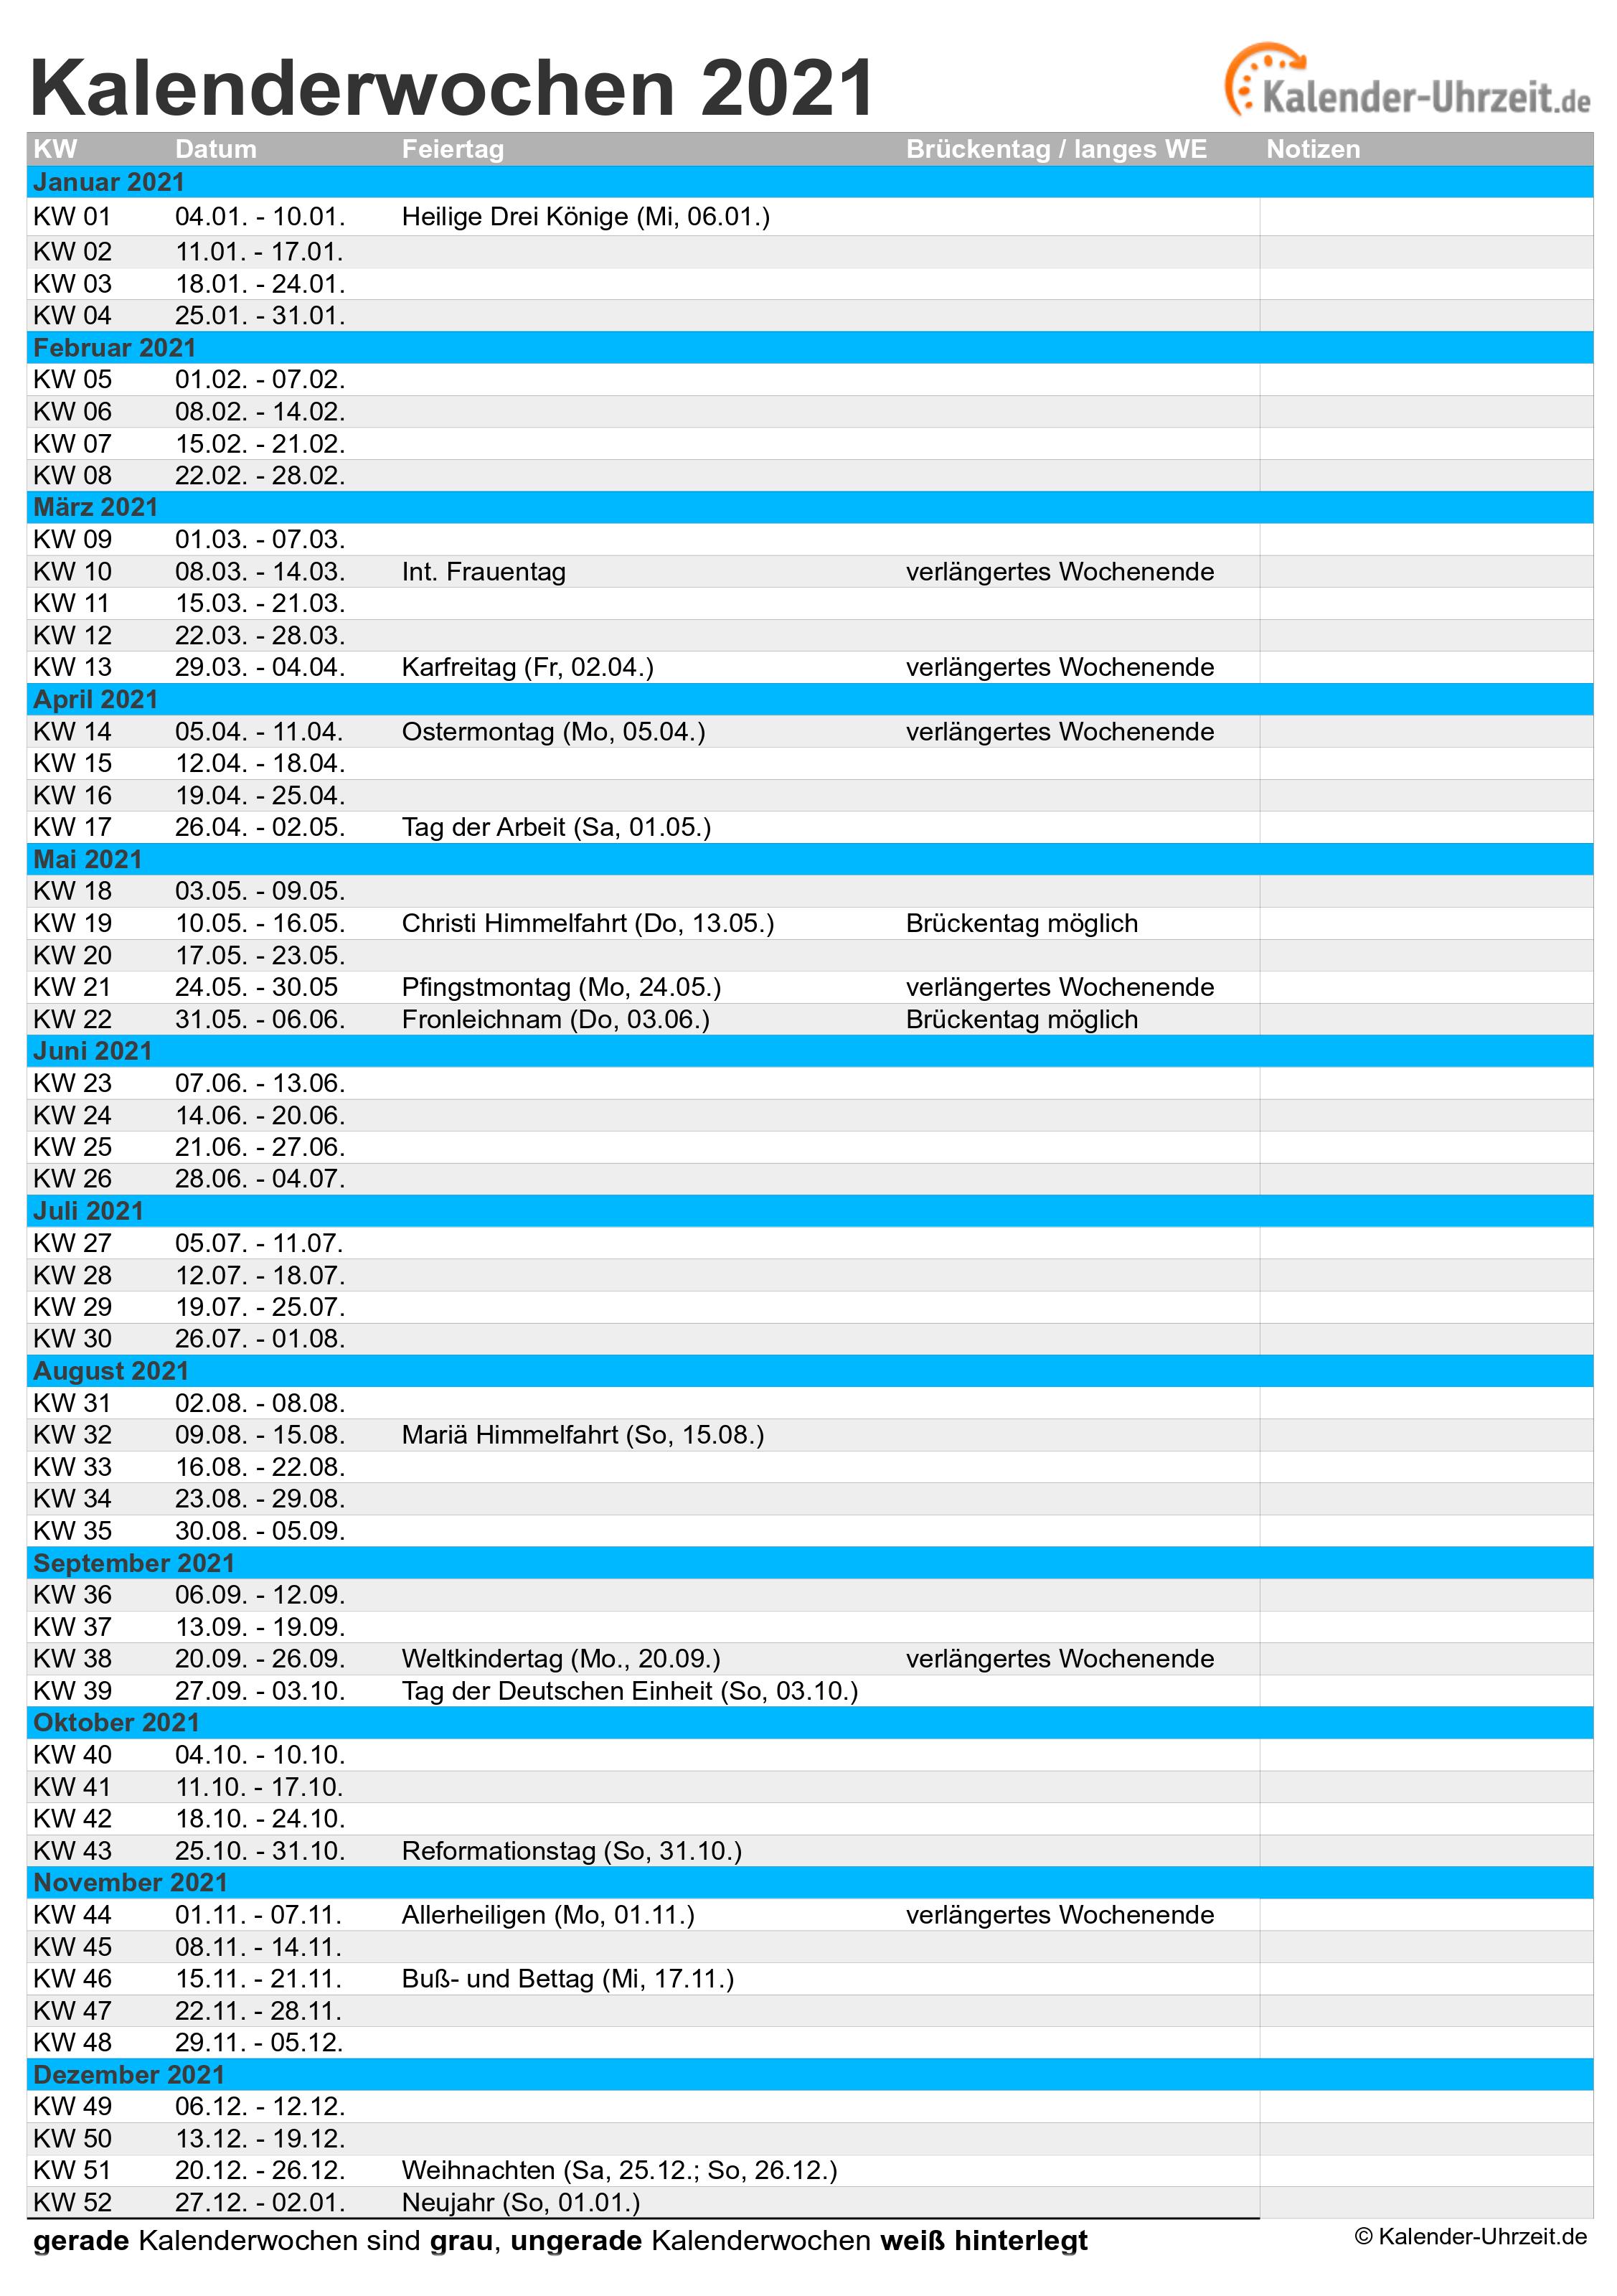 Kalenderwoche 52 2021